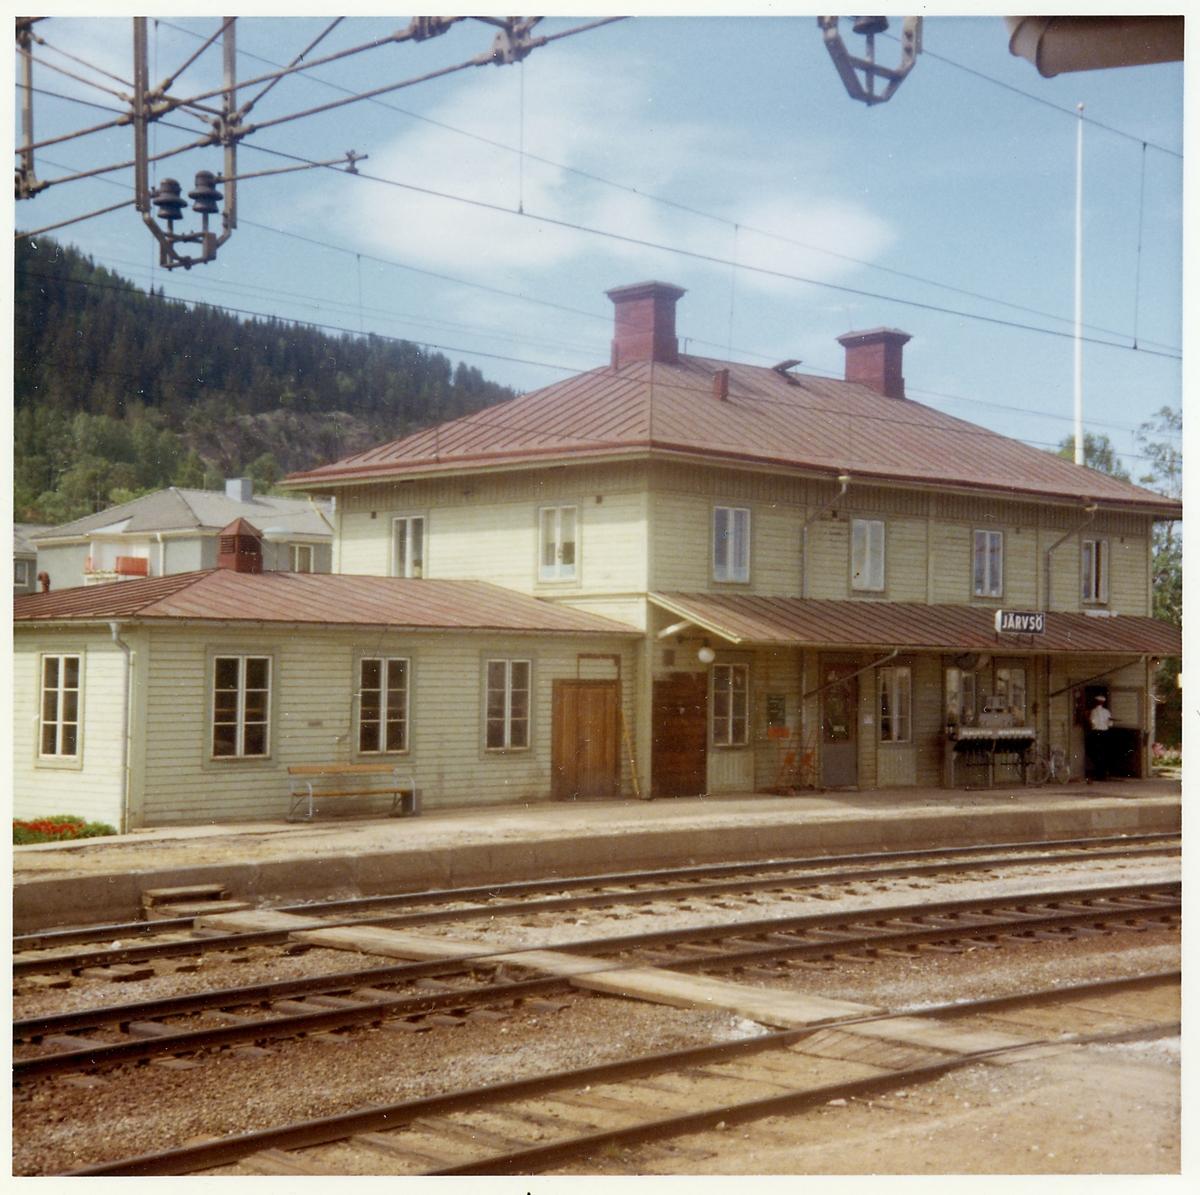 Järvsö station.